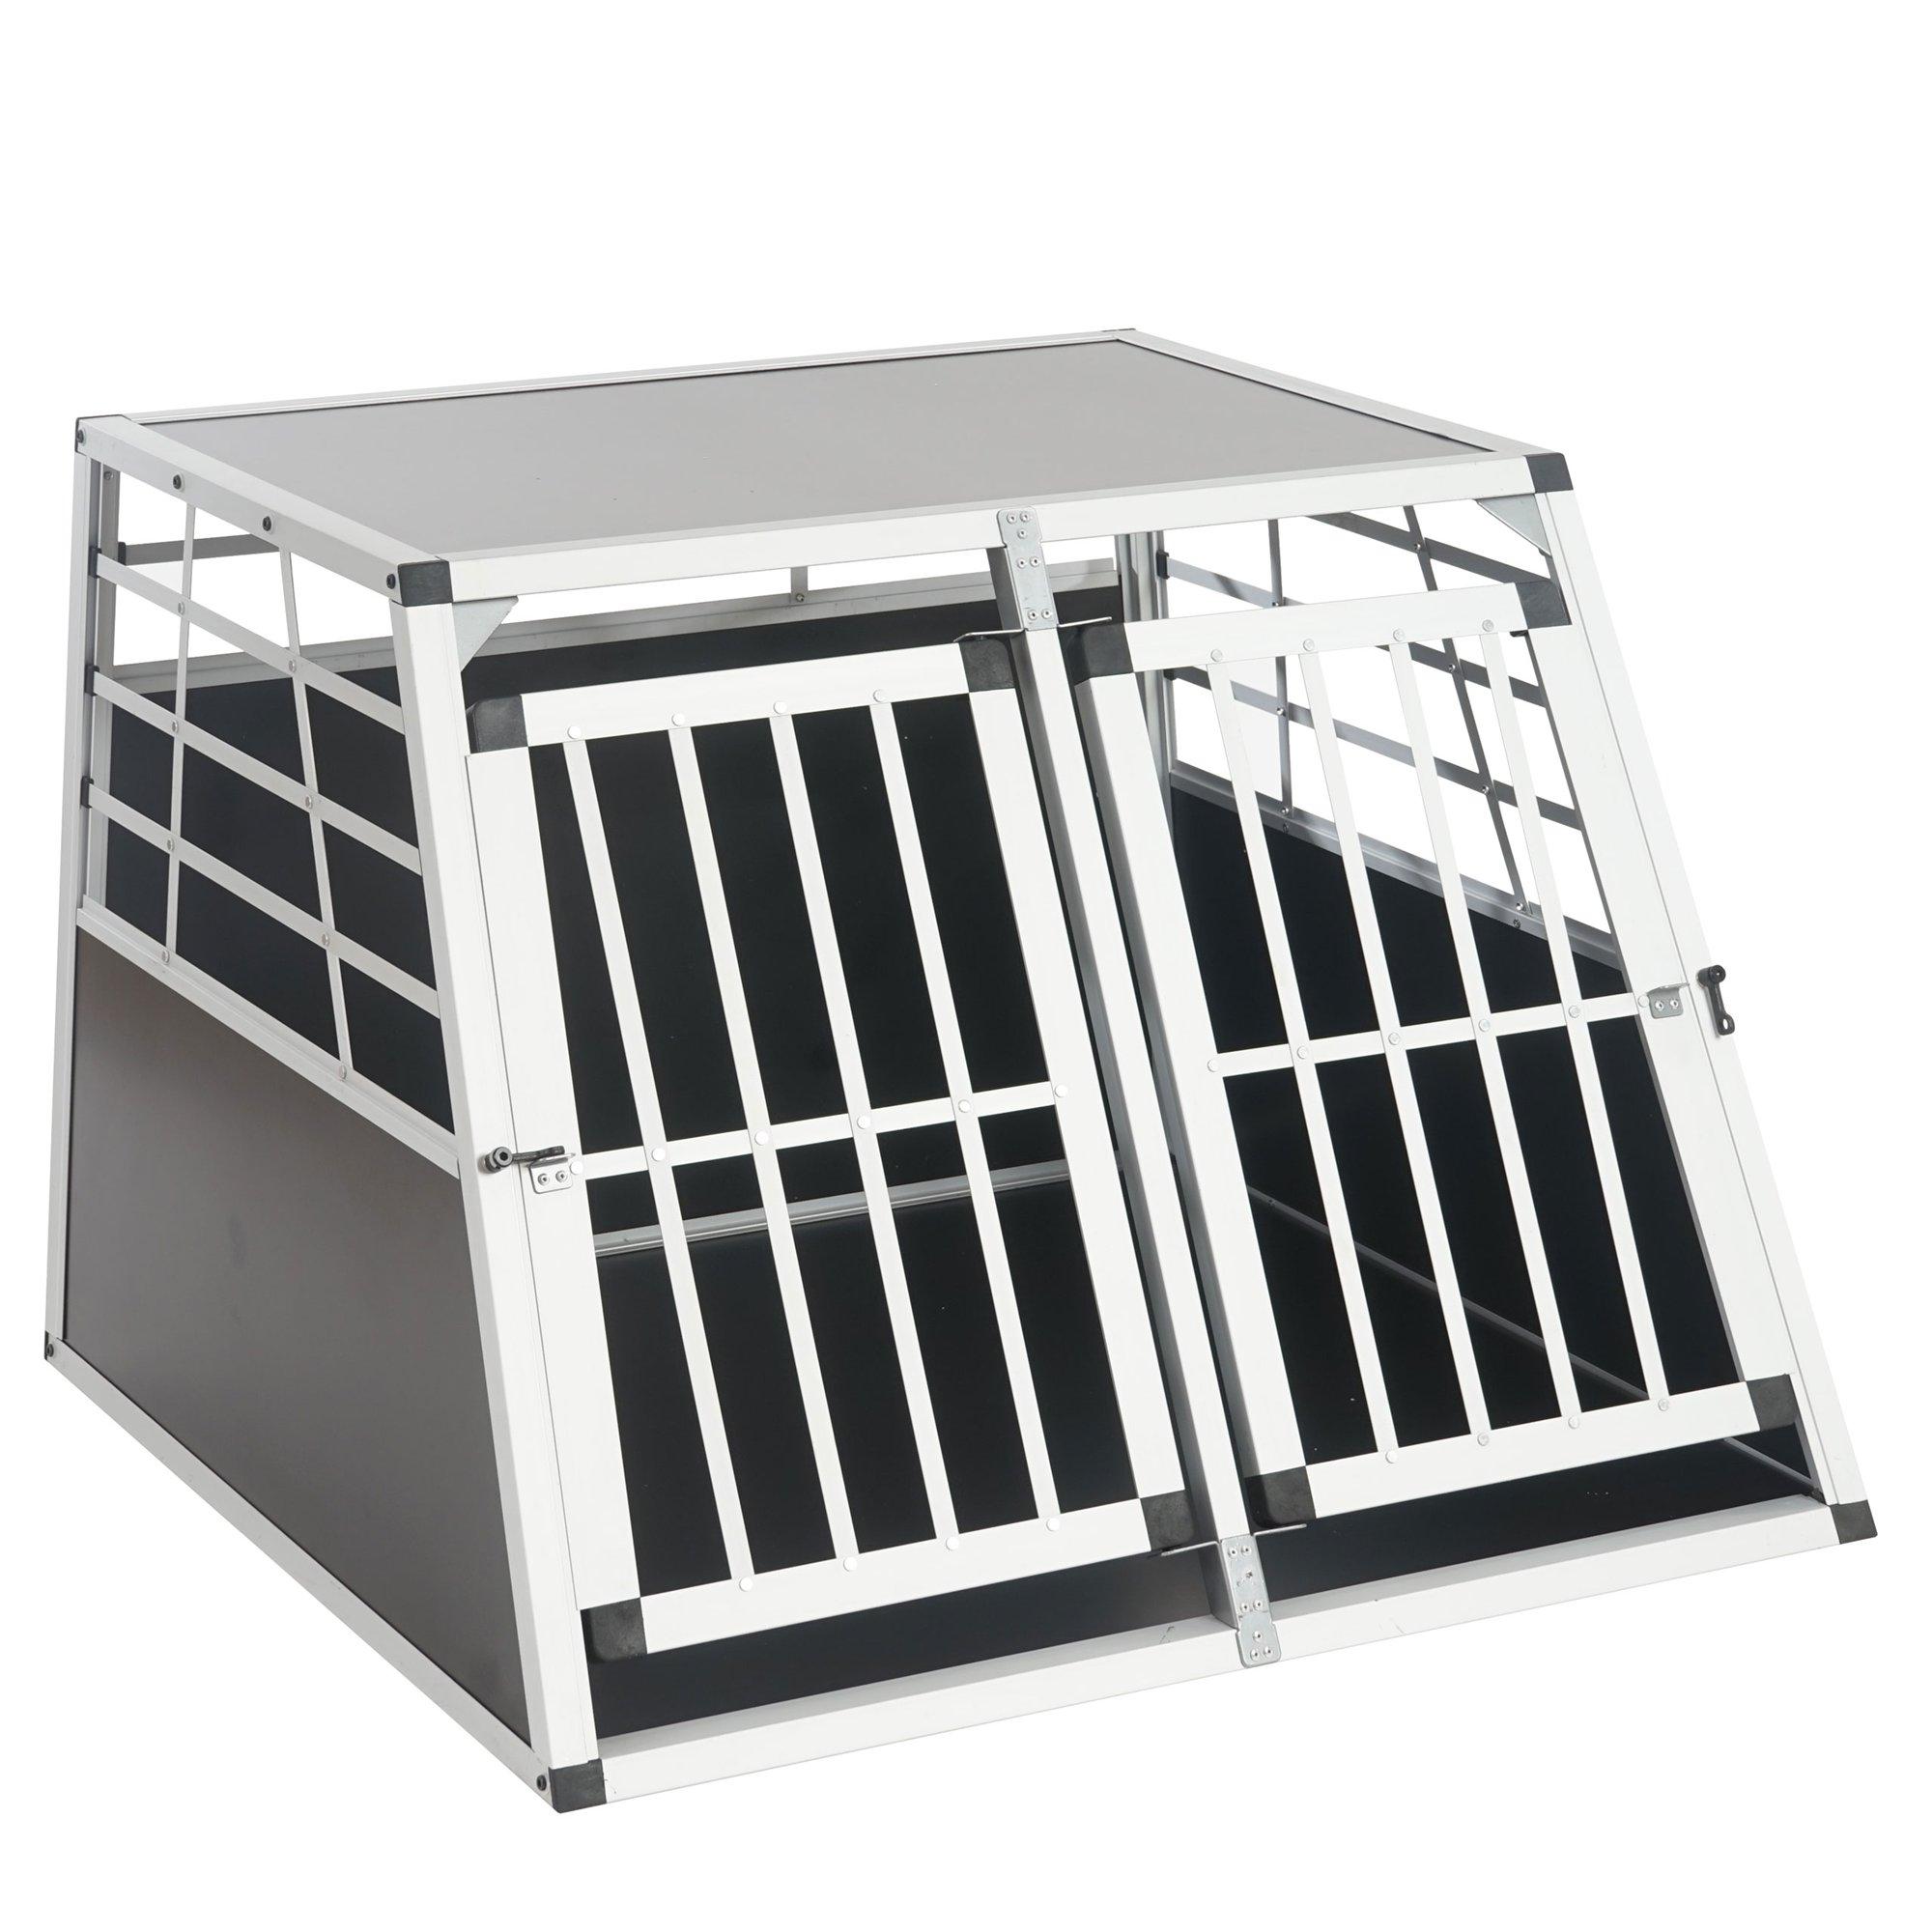 Jaula para transportar perros o animales en maletero for Jaulas de perros